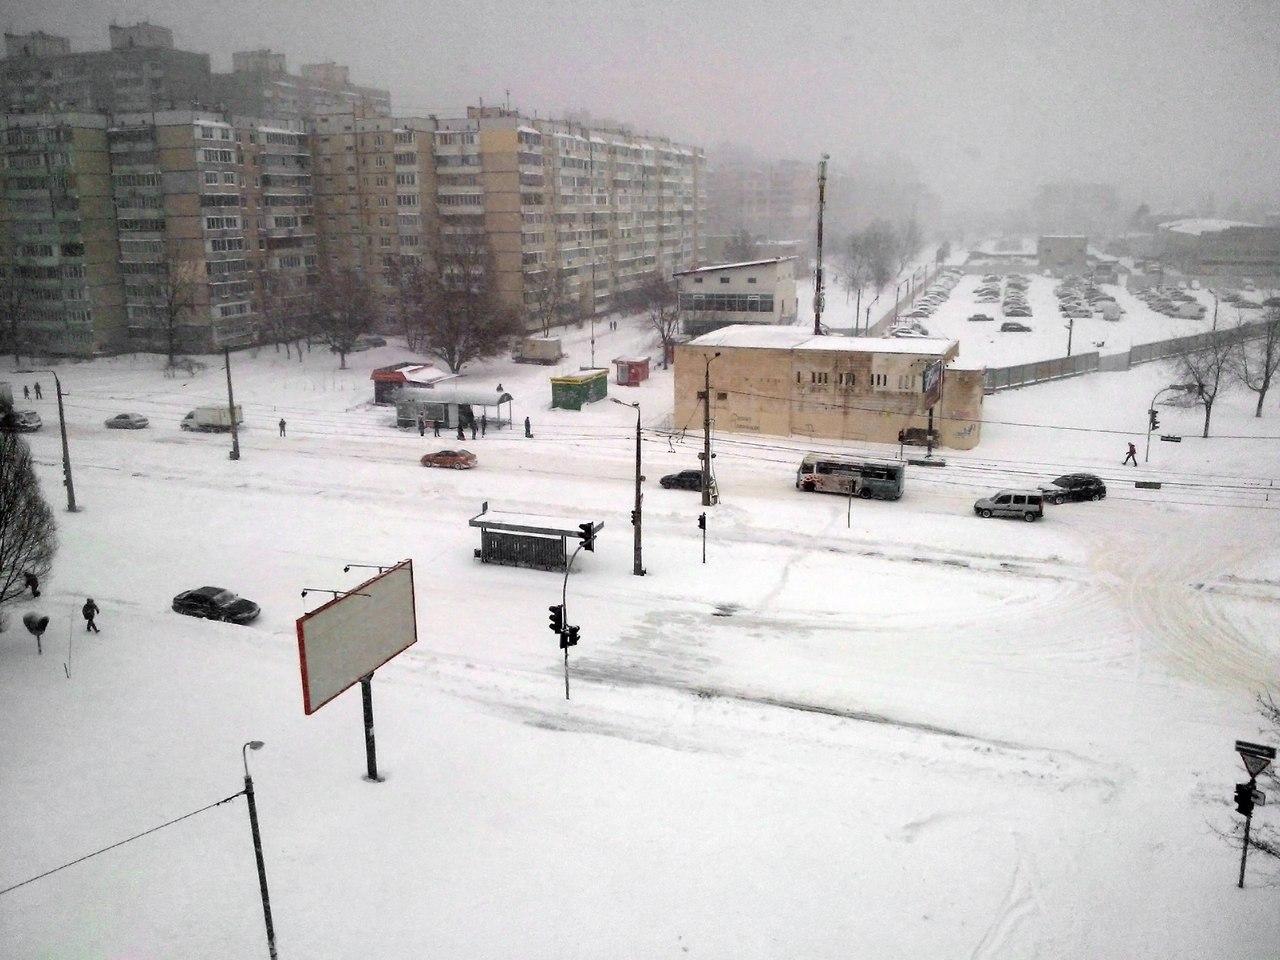 В Харьковской и Тернопольской областях обнаружены первые жертвы сильных морозов: людей нашли замерзшими в снегу